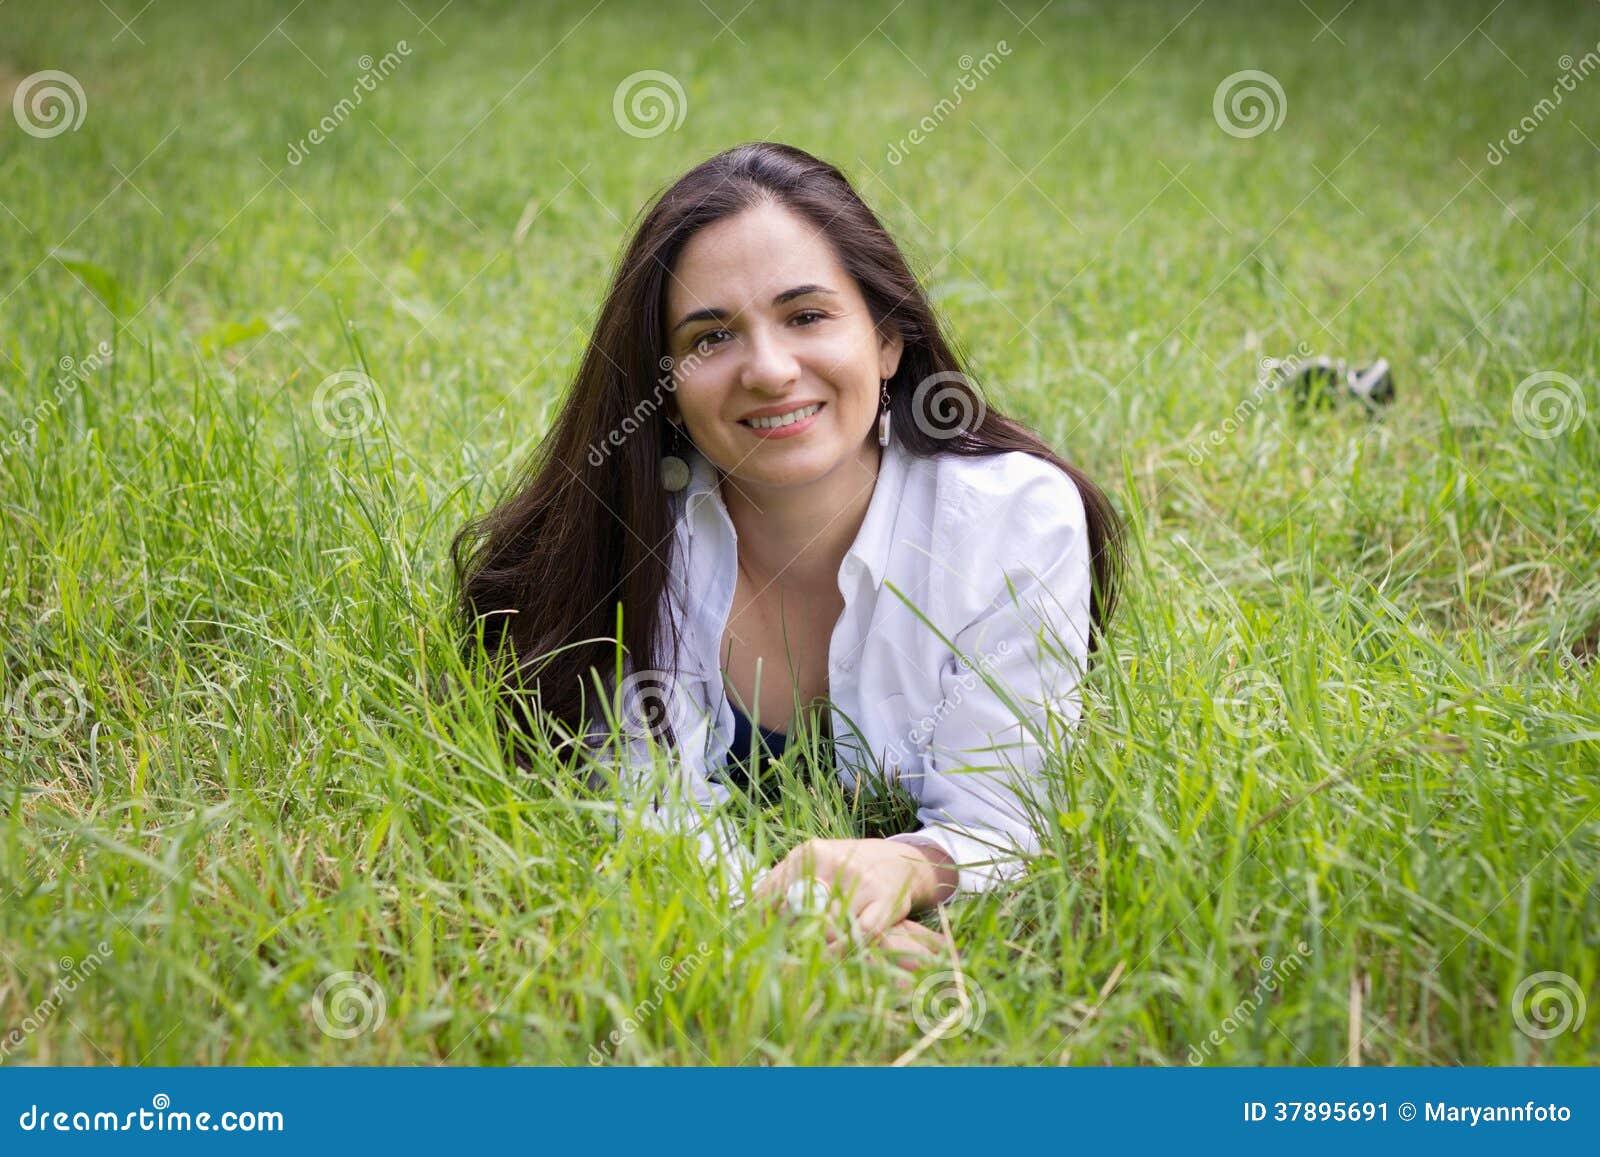 Flickan ligger i ett grönt gräs